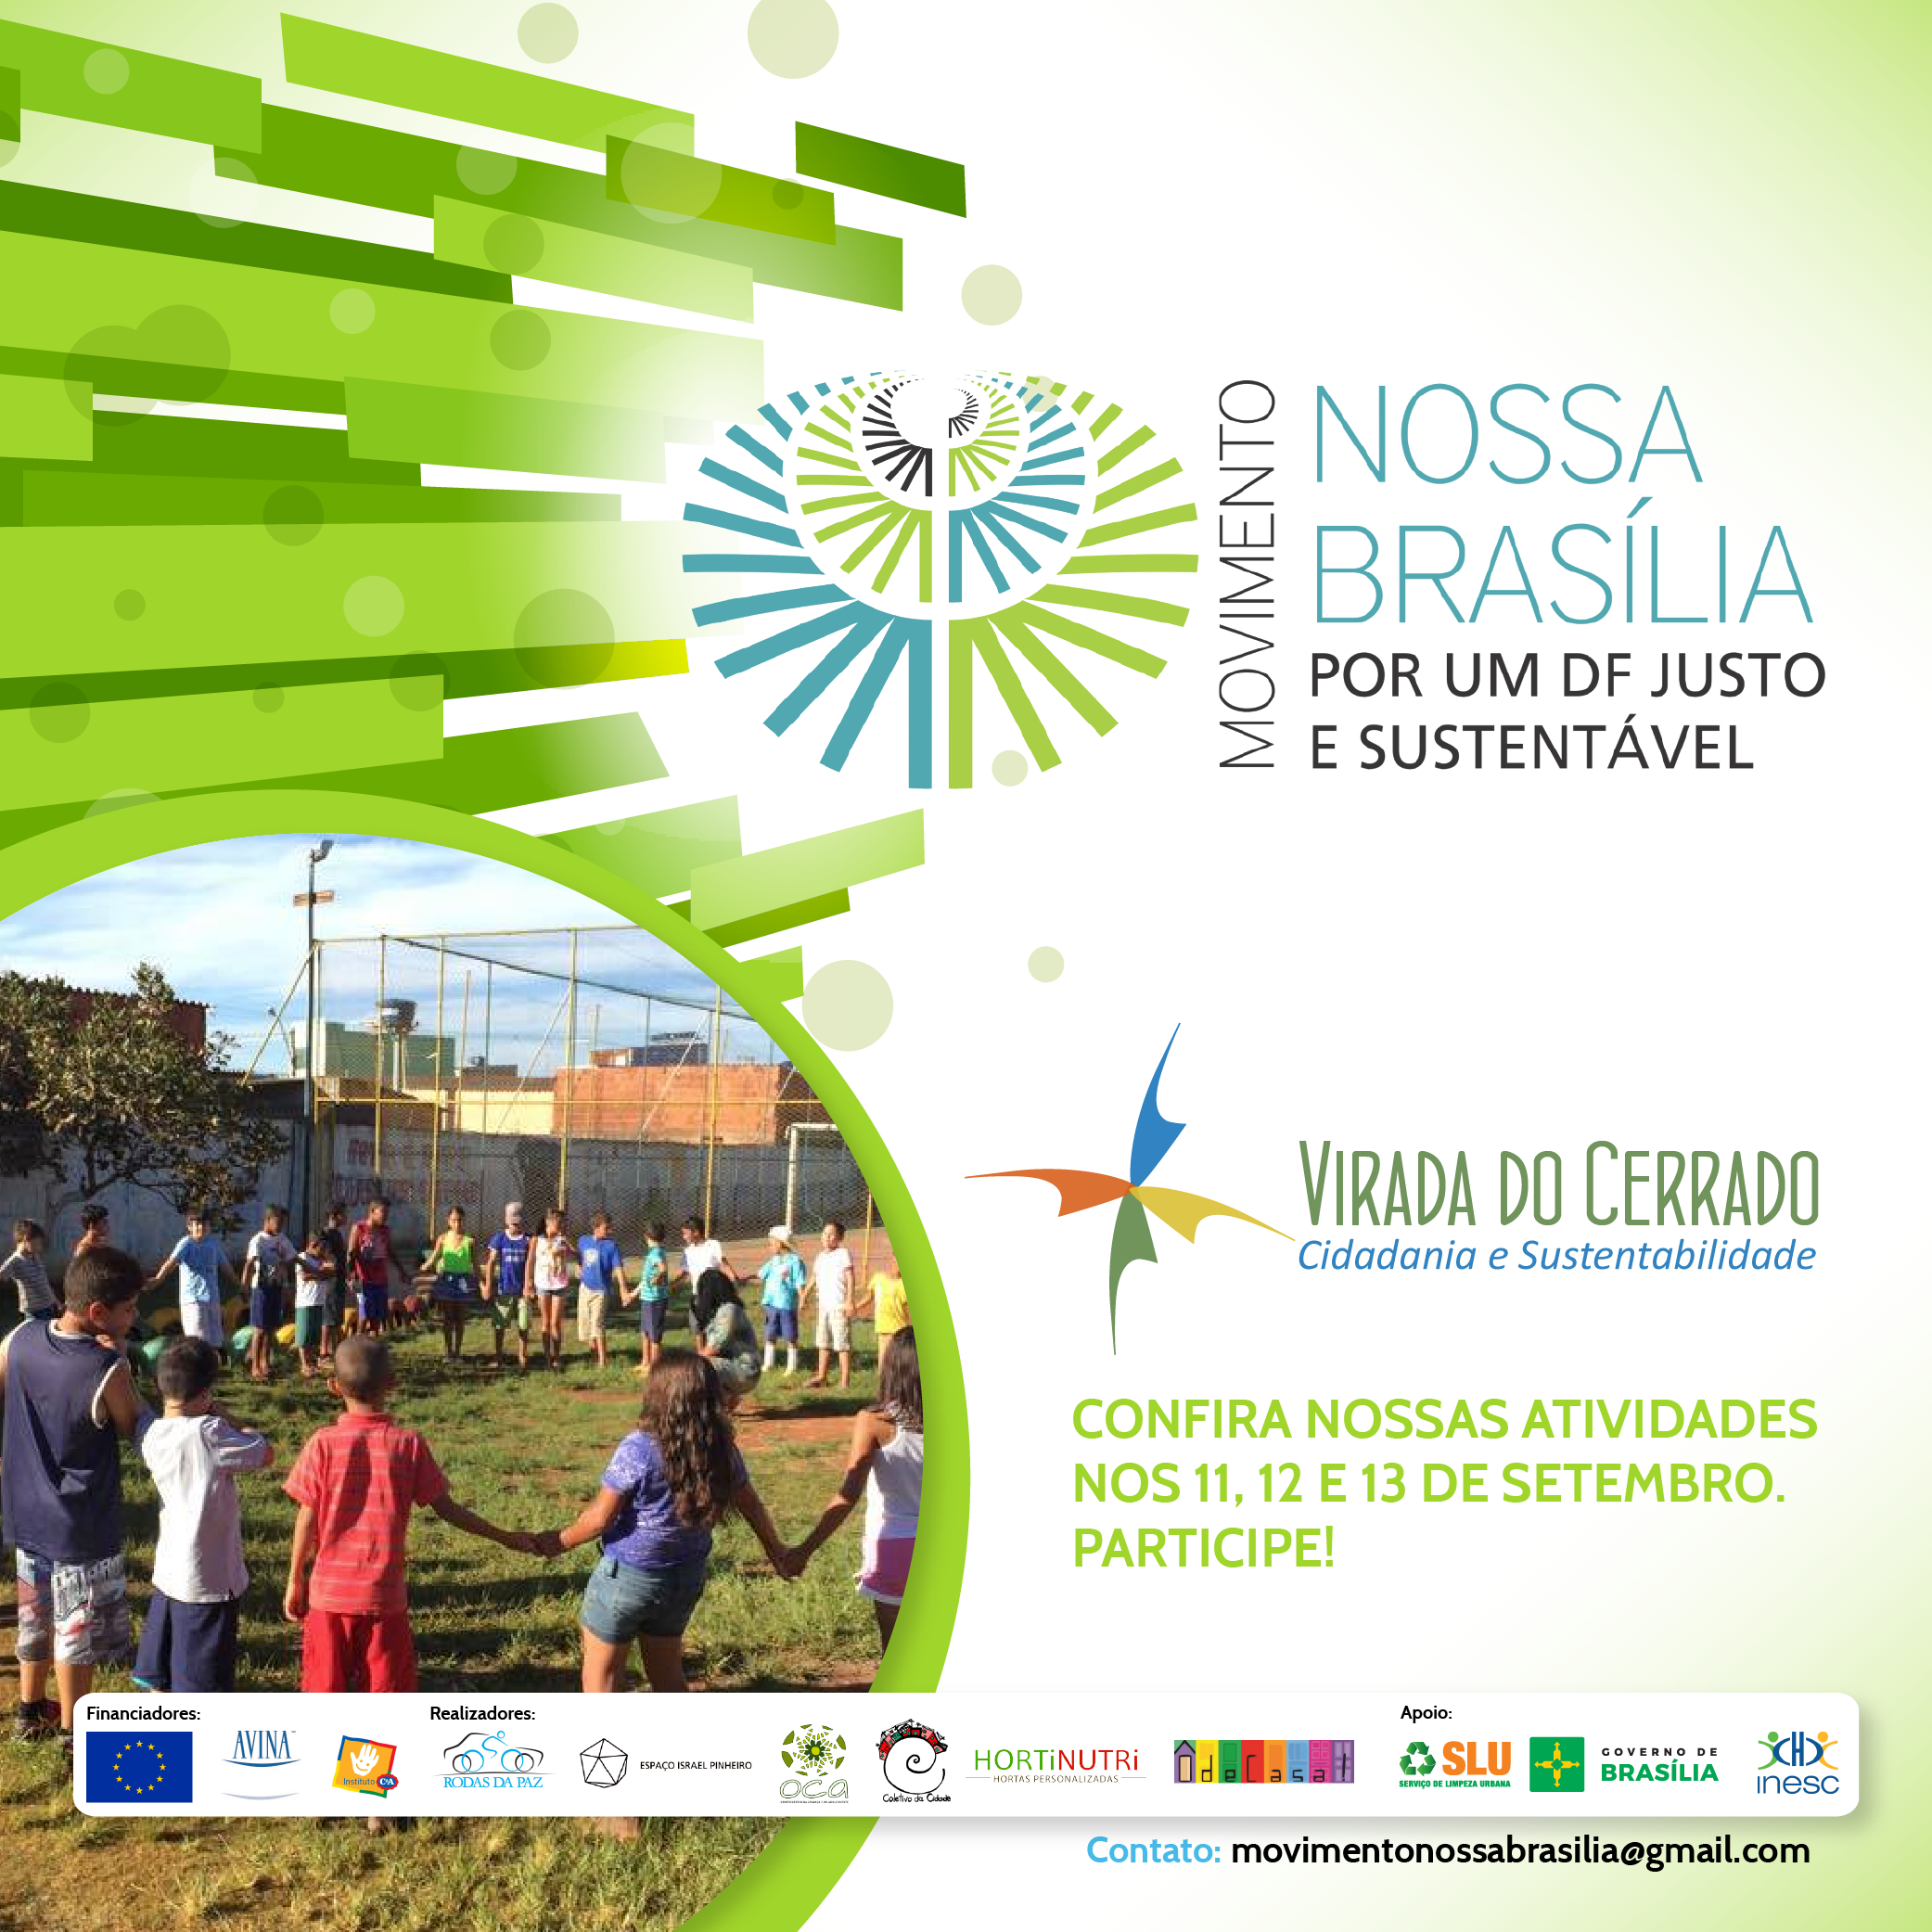 Oficinas e Intervenções marcam participaçãodo Nossa Brasília na Virada do Cerrado